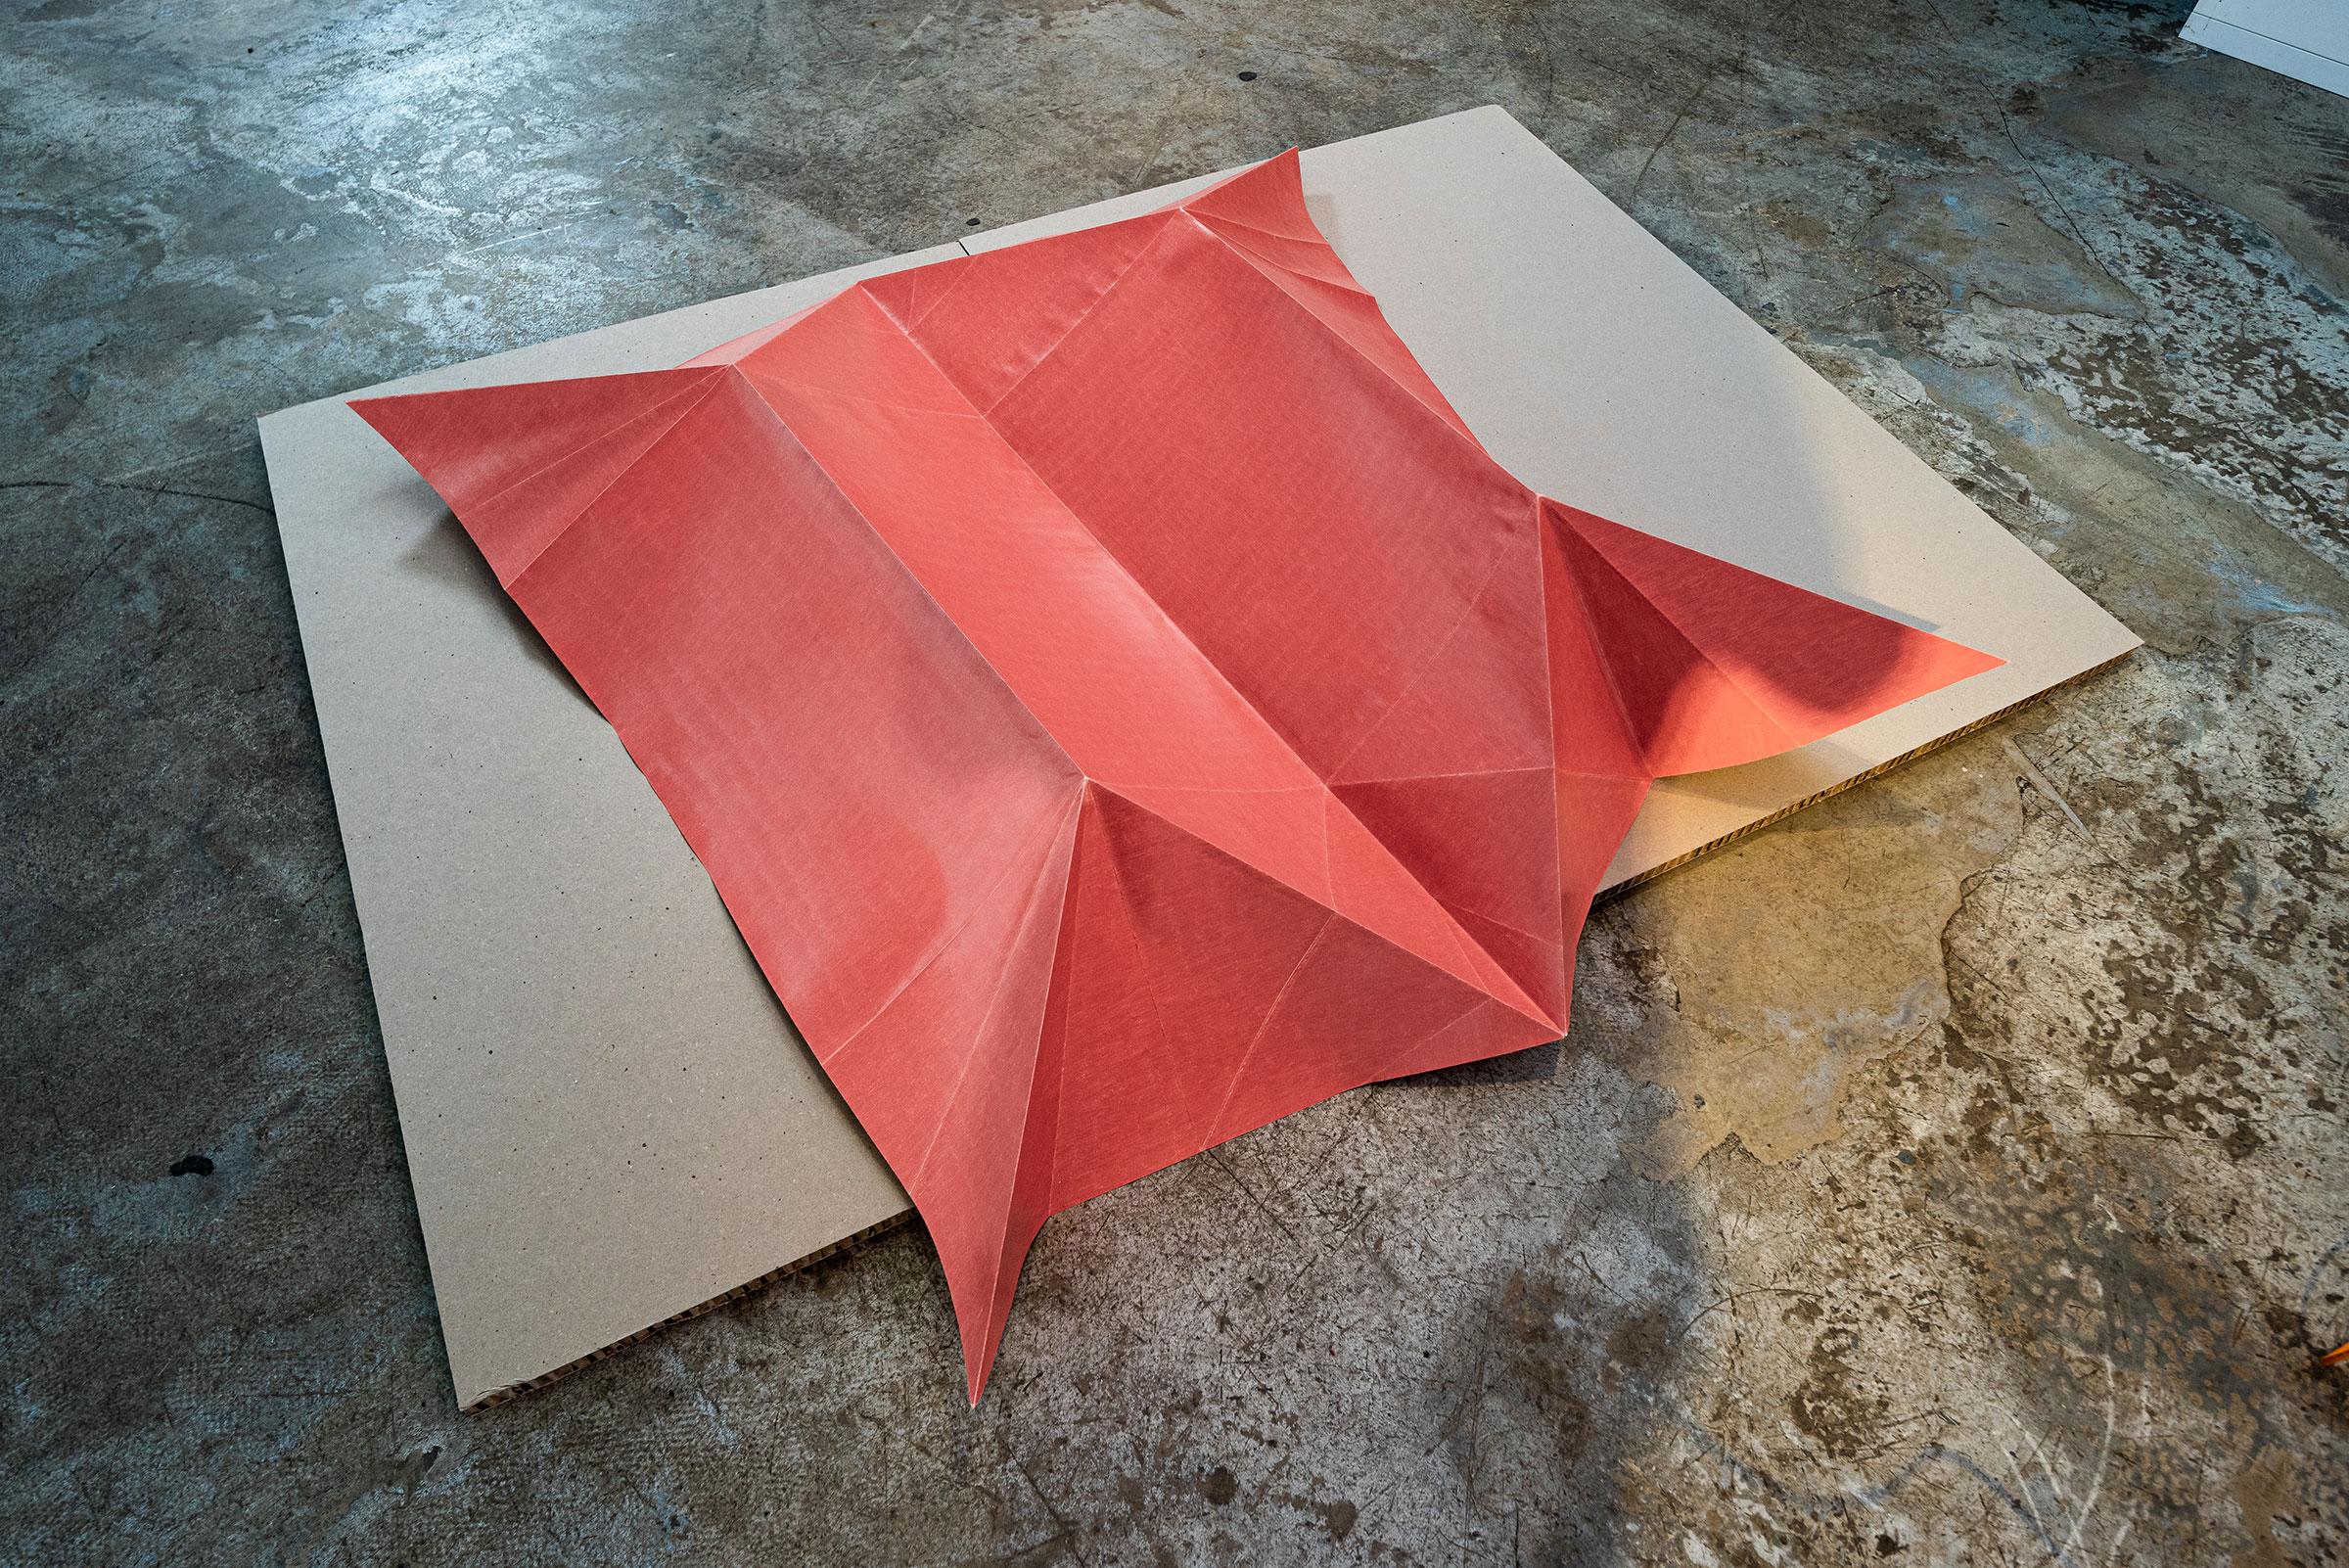 PIG_Faltung_Fleischfarbe mittel, 2020